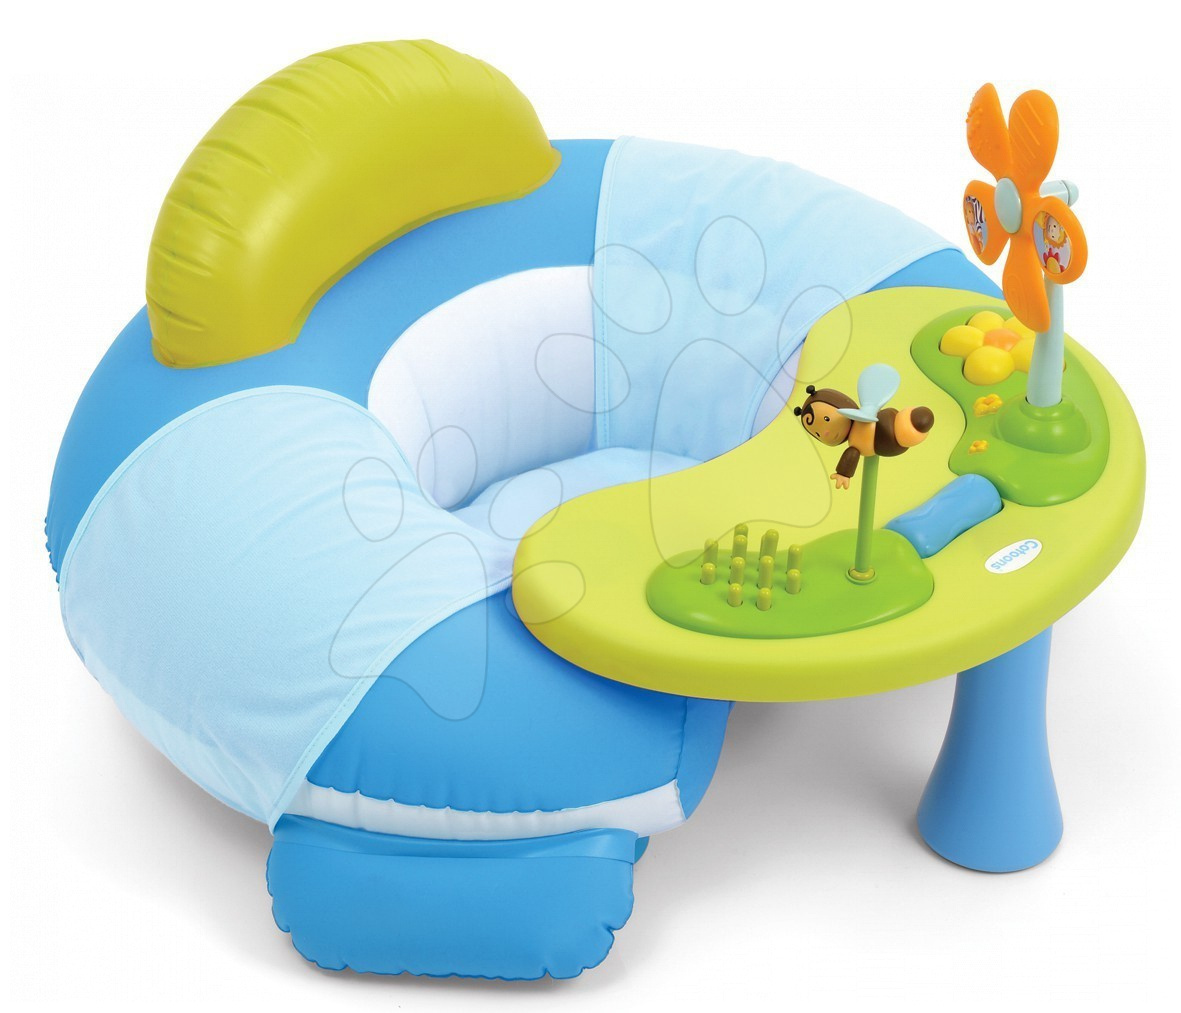 Sedátko so stolíkom Cotoons Cosy Seat Smoby s didaktickým stolíkom modré od 6 mes